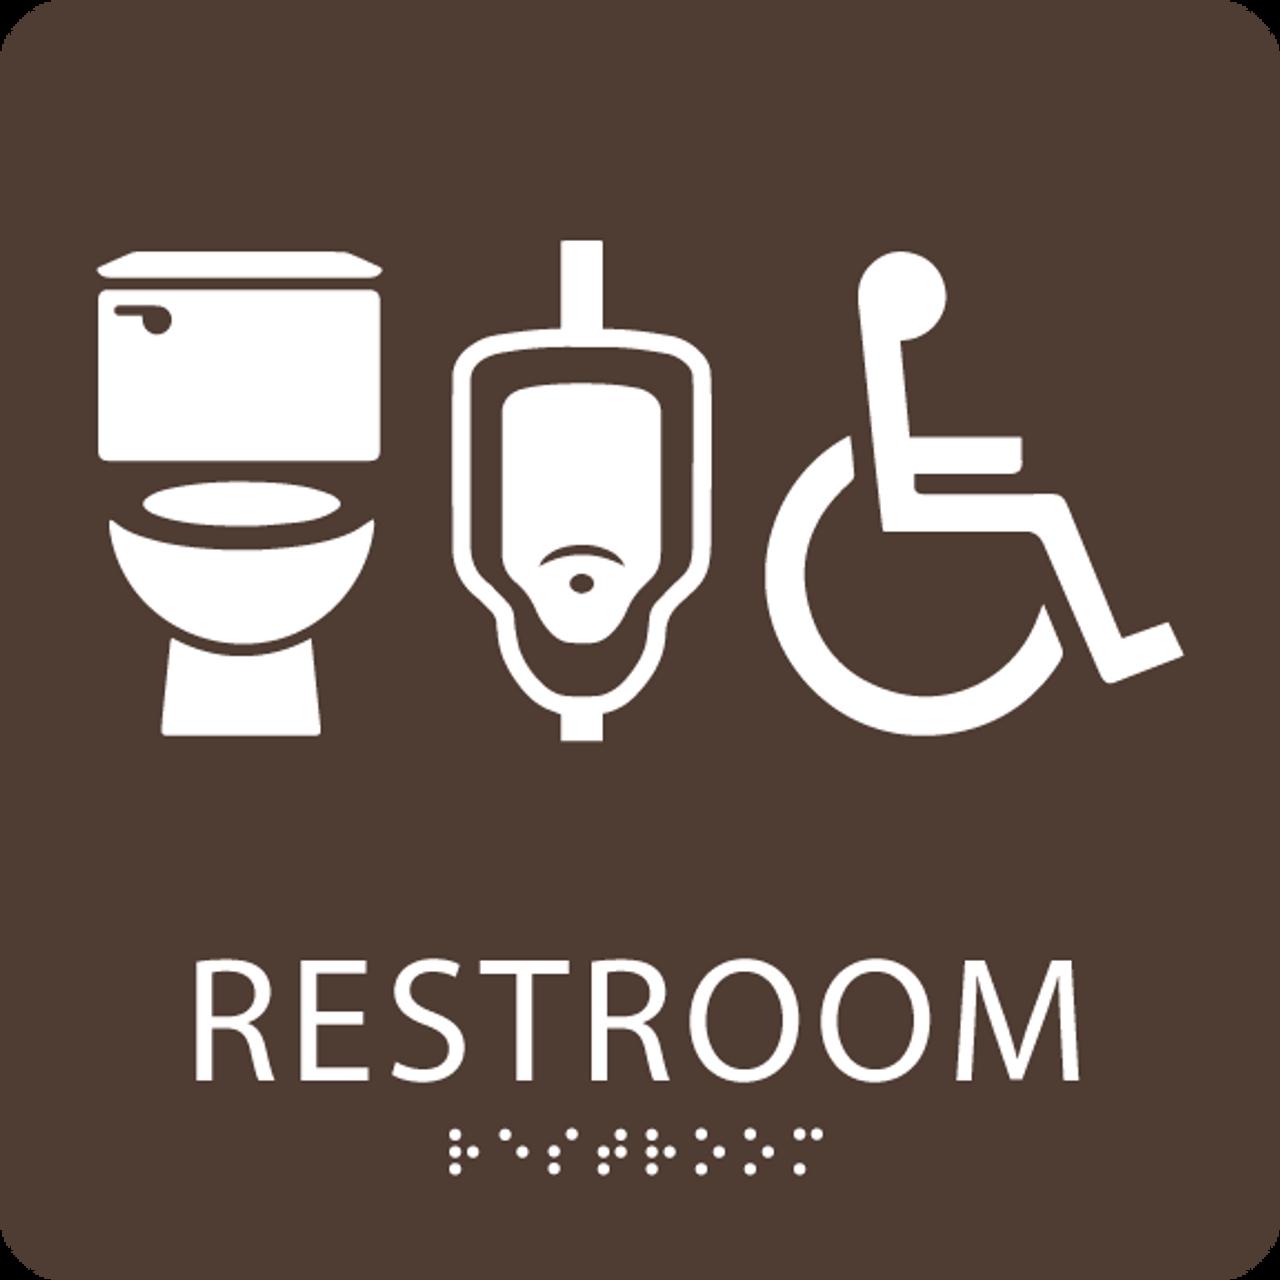 Brown restroom sign